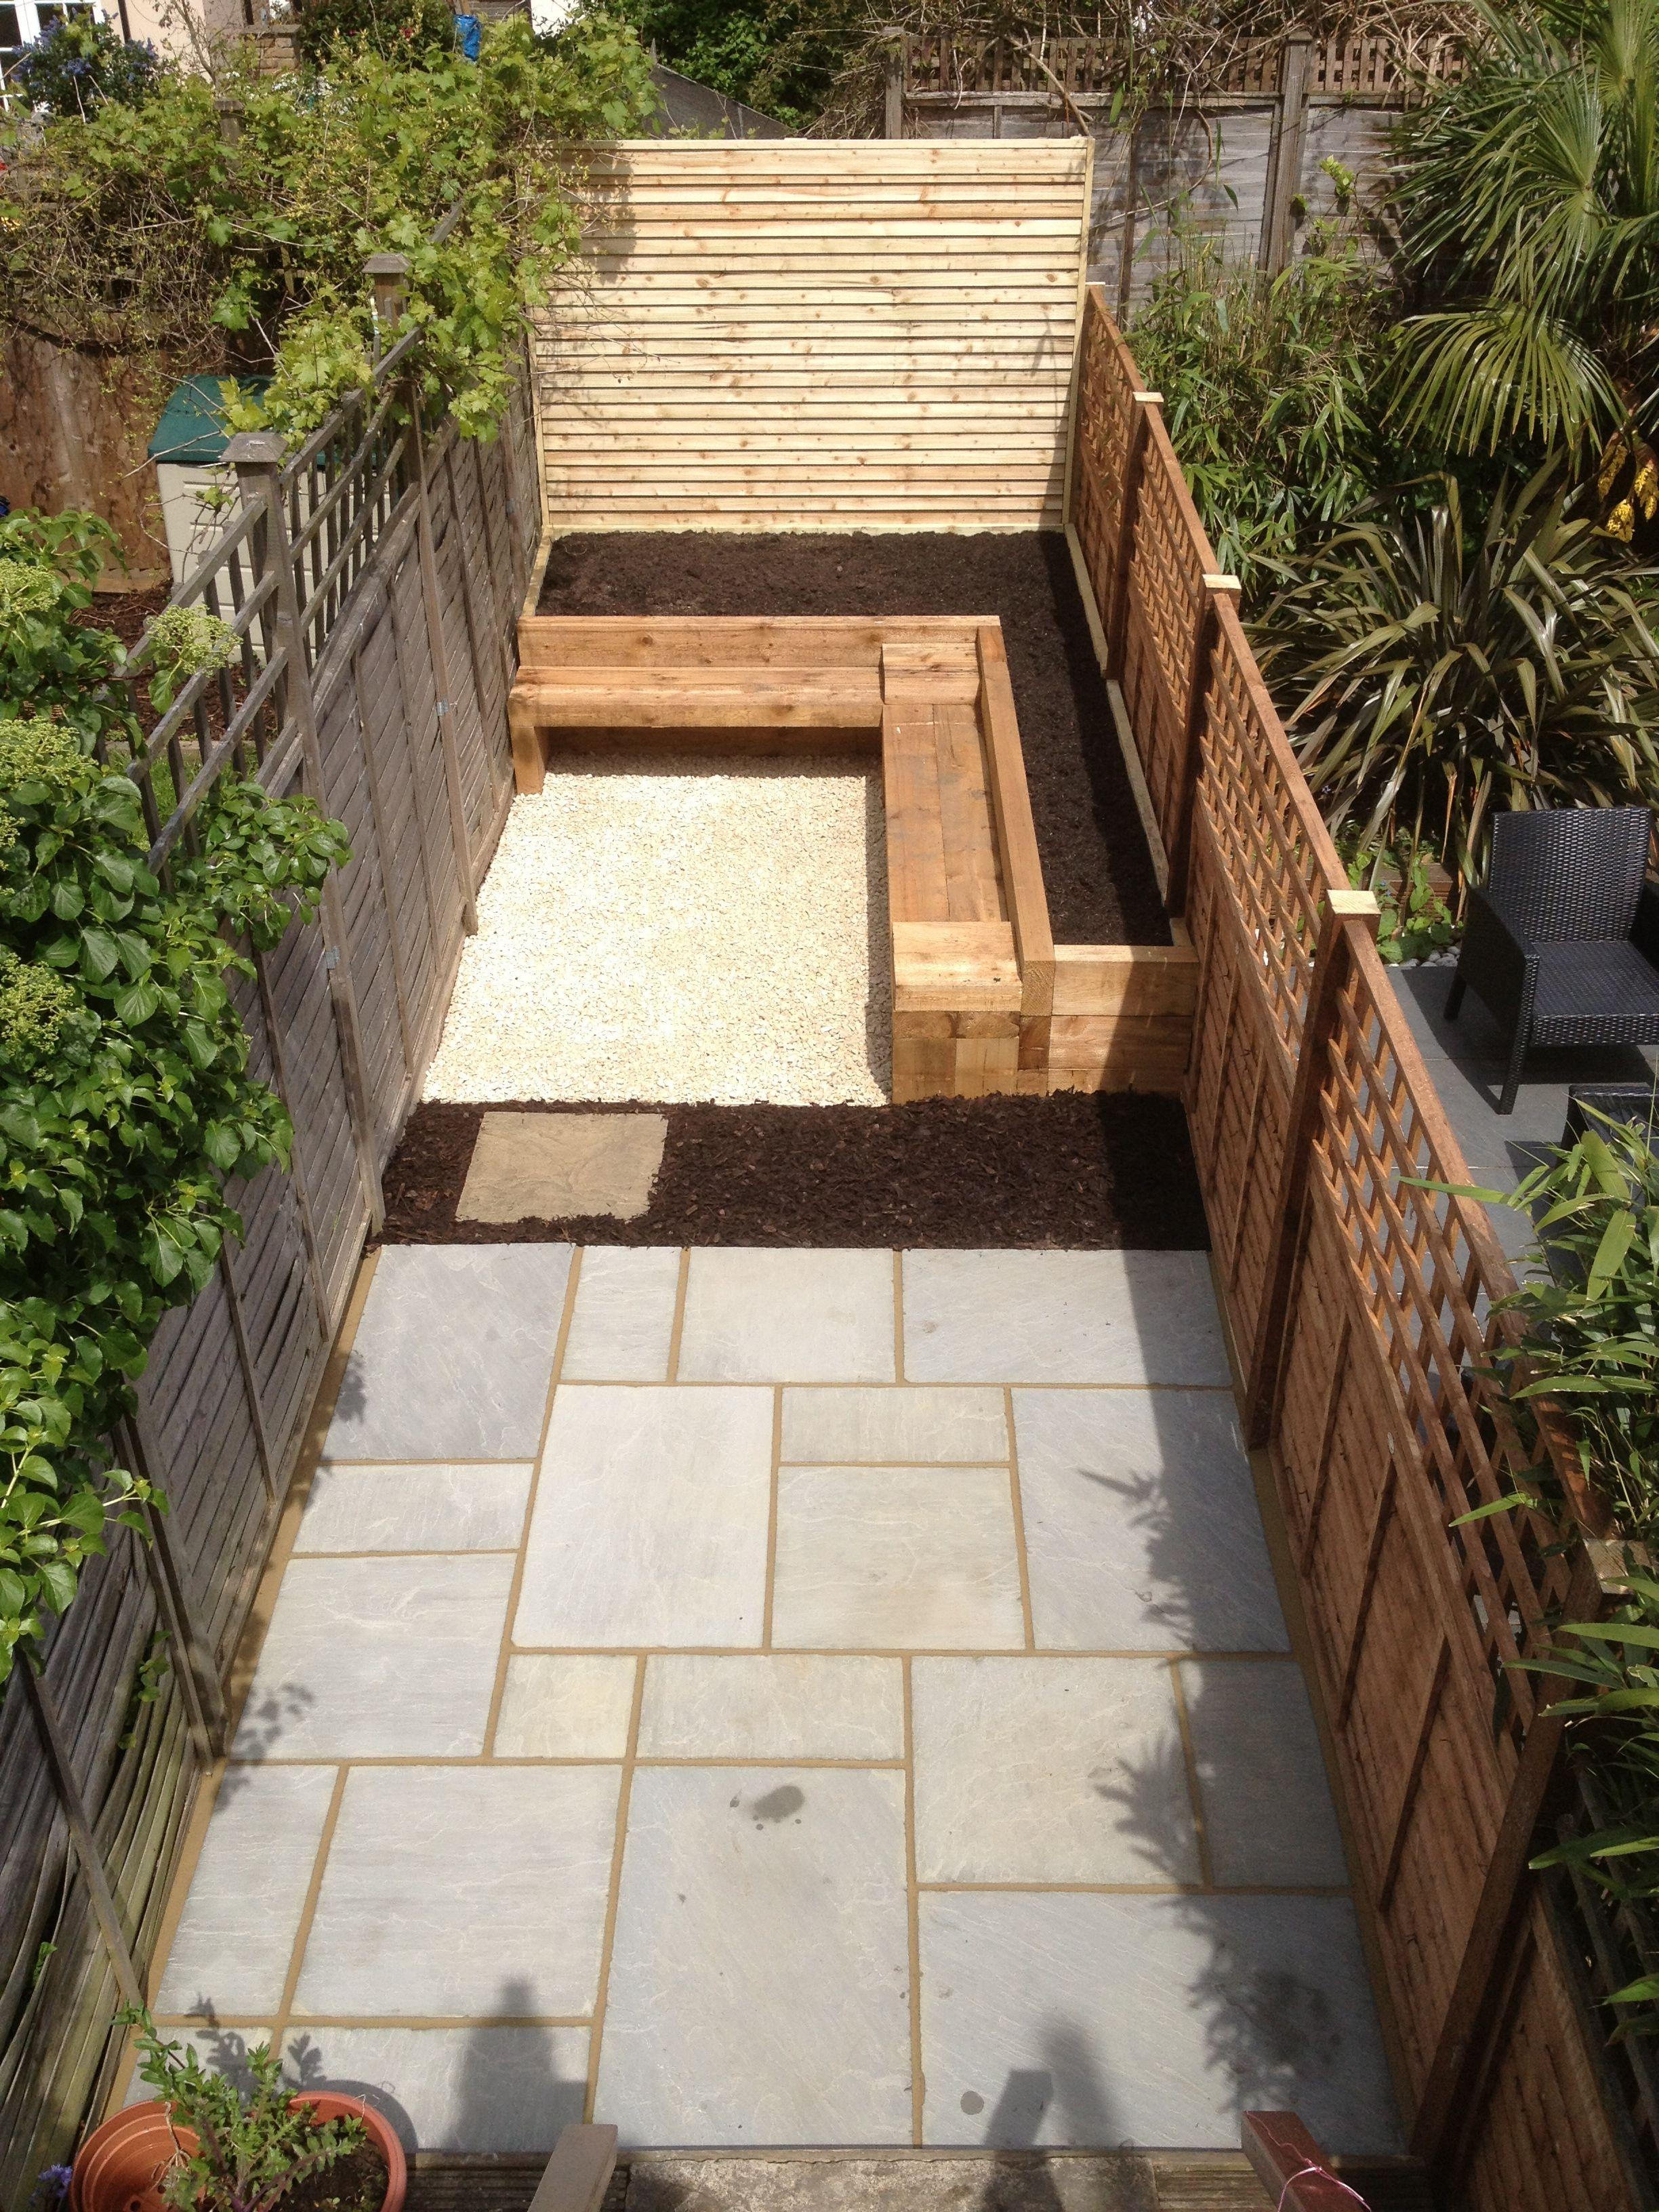 Balham LondonIndian sandstone paving patioflowergardengirlco